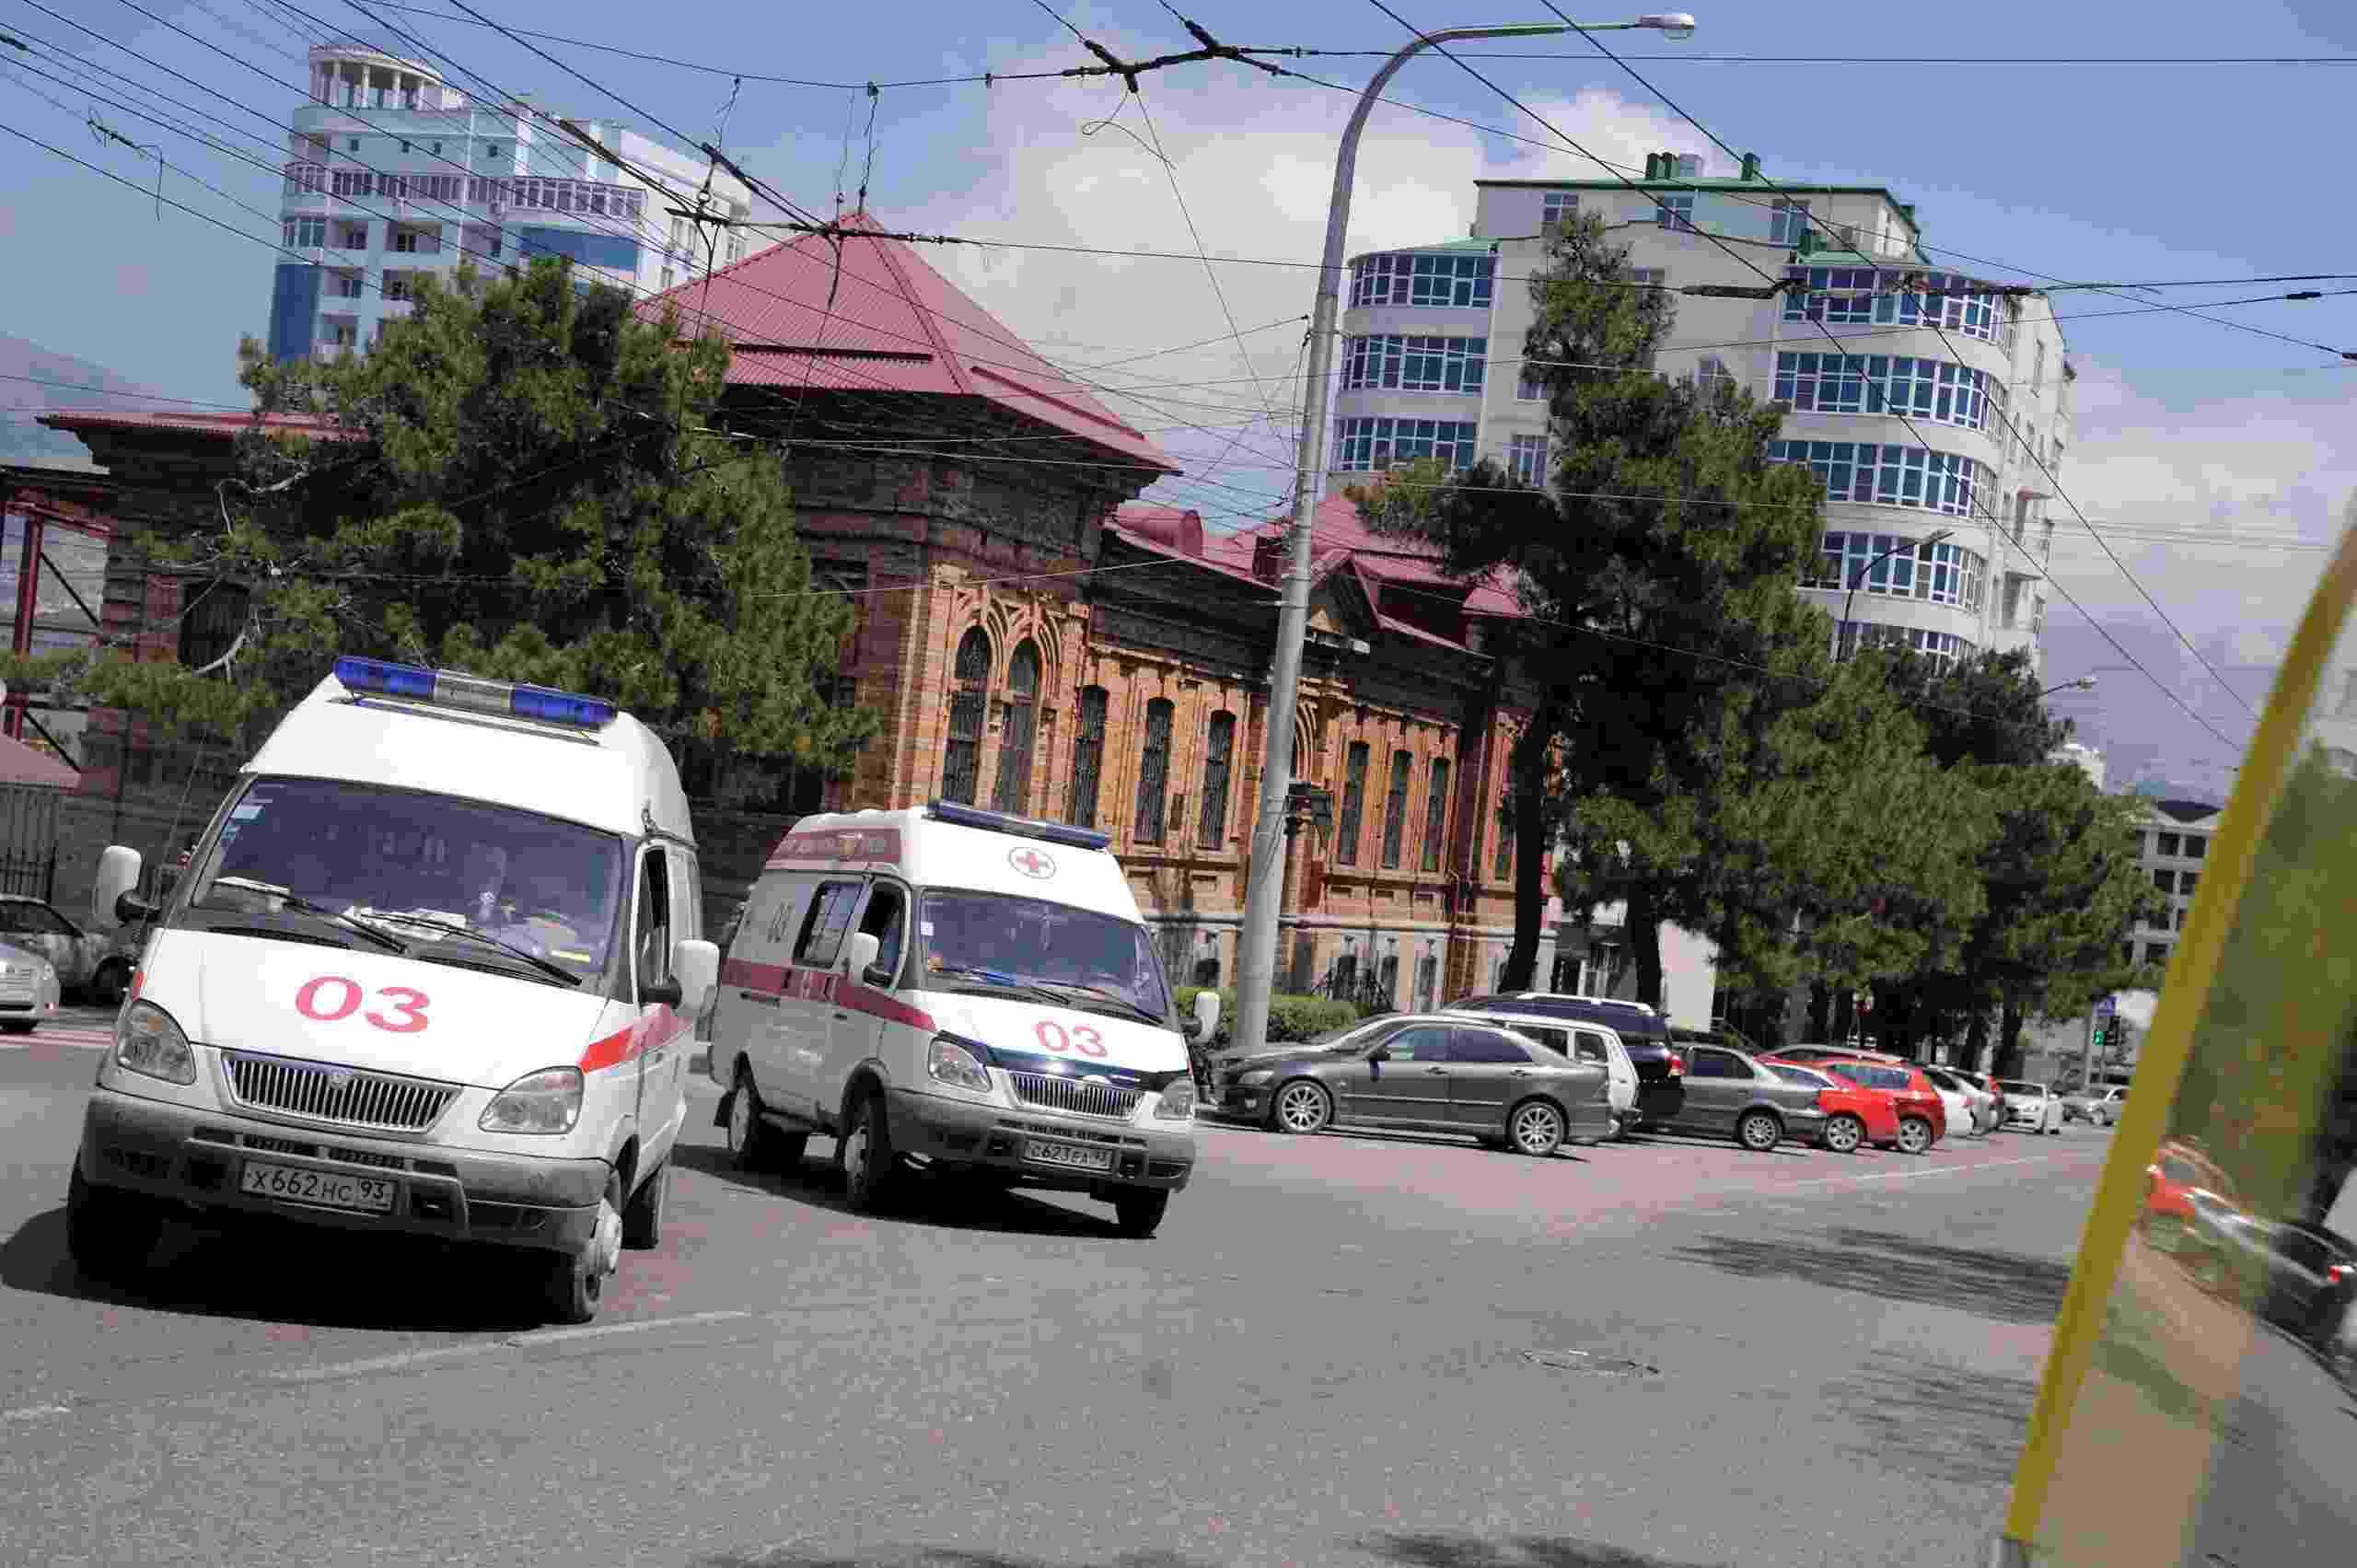 Почему жители Новороссийска ждут скорую помощь очень долго?